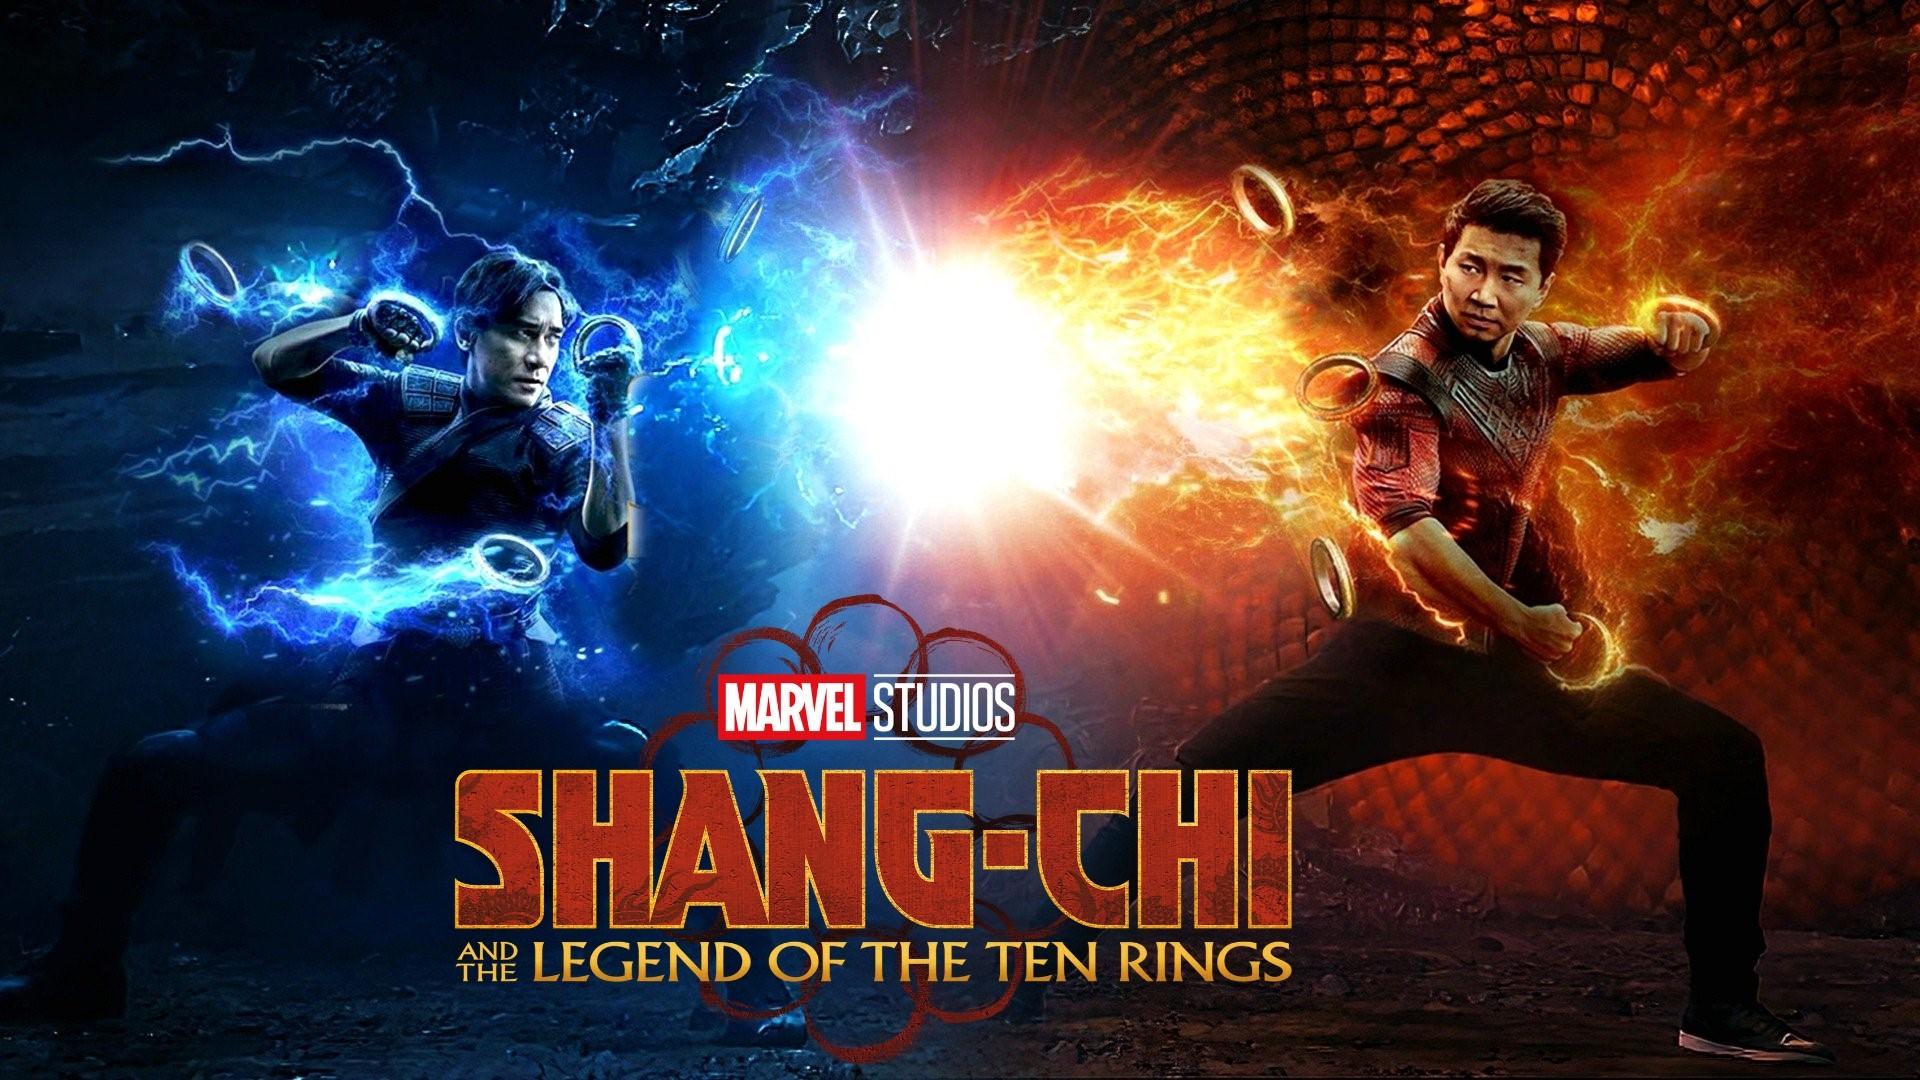 Recenze: Shang-Chi a legenda o deseti prstenech | Fandíme filmu